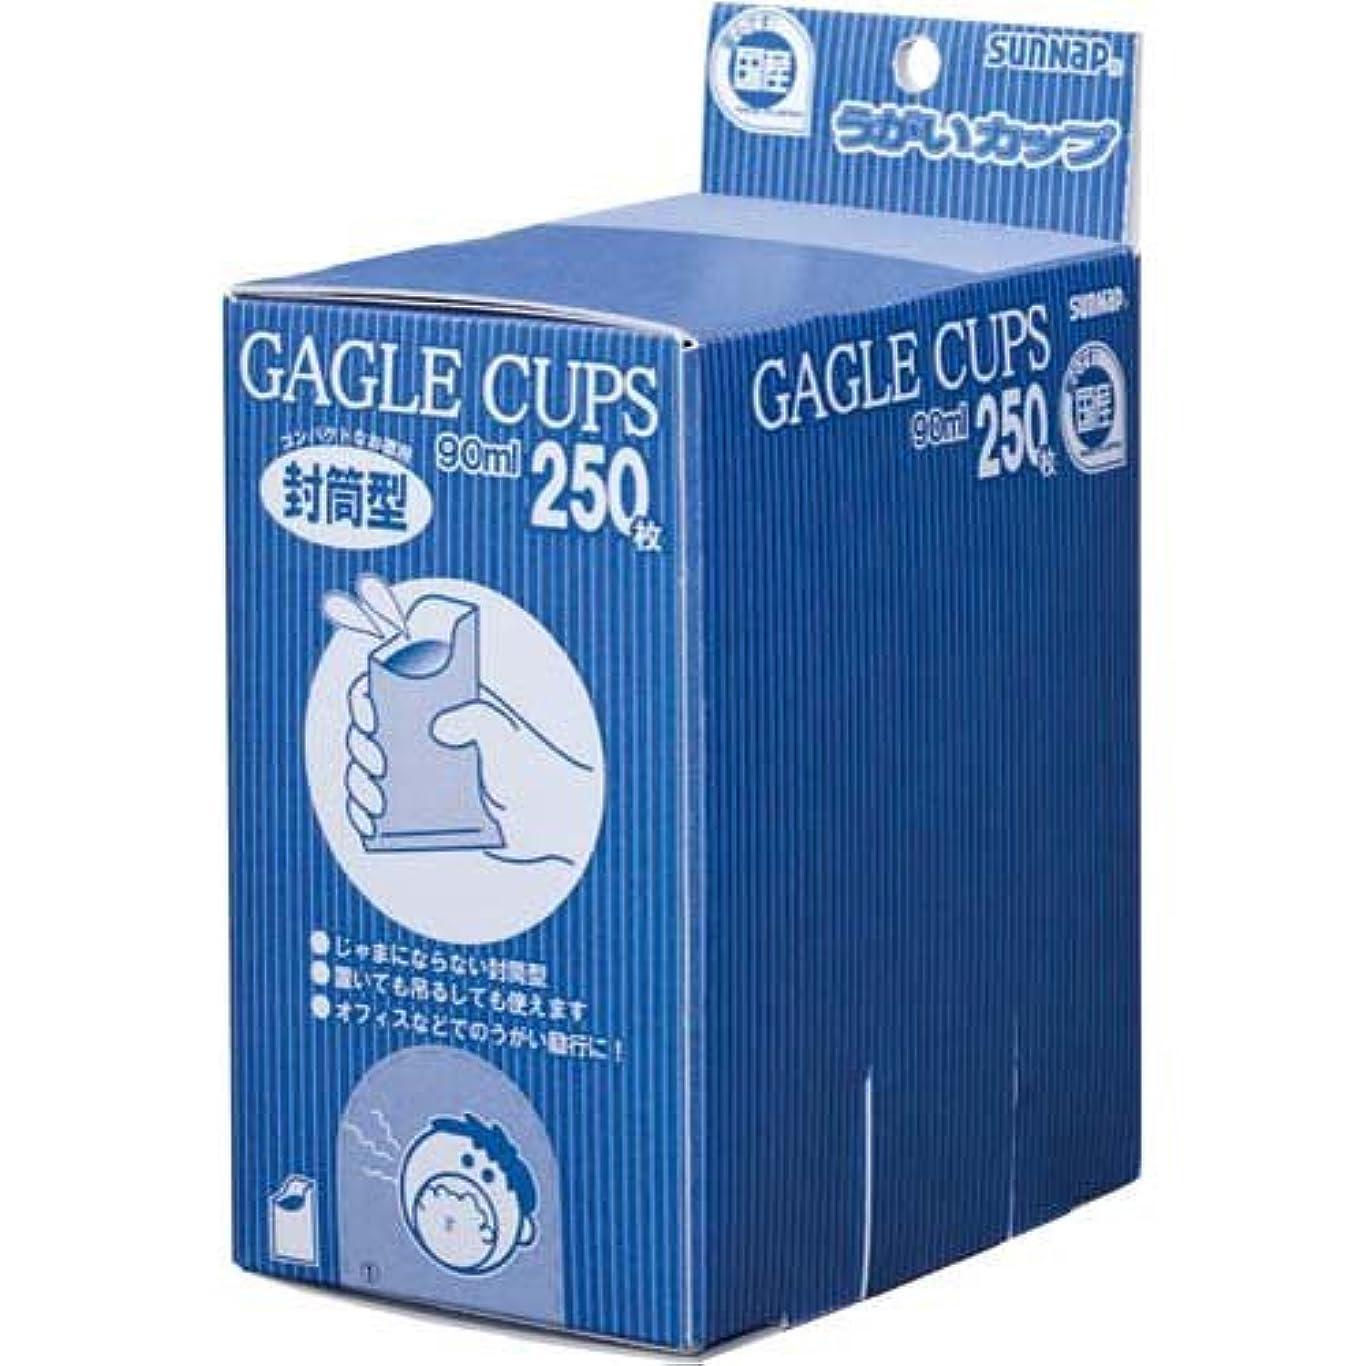 咽頭ベジタリアン幻滅するサンナップ 封筒型うがいカップ250枚×5箱